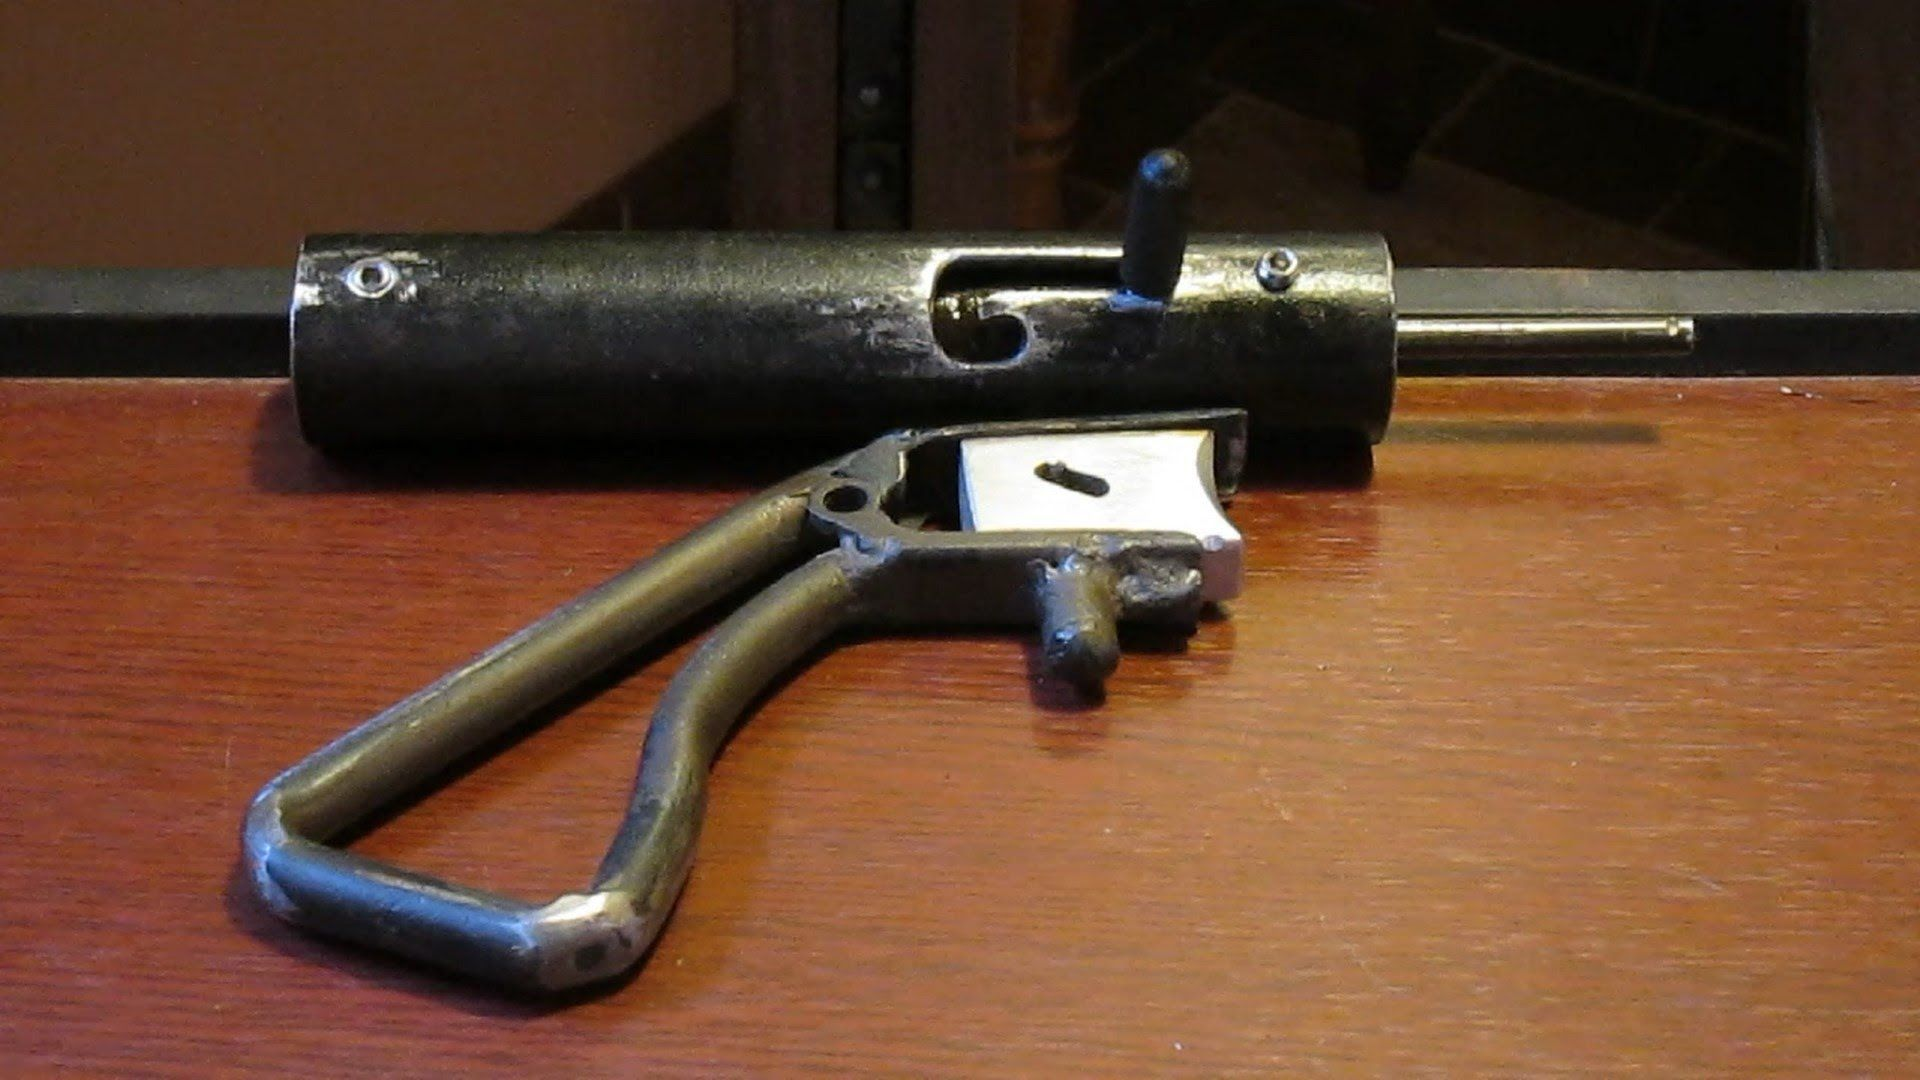 Pin on Small homemade wepons + gun stuff